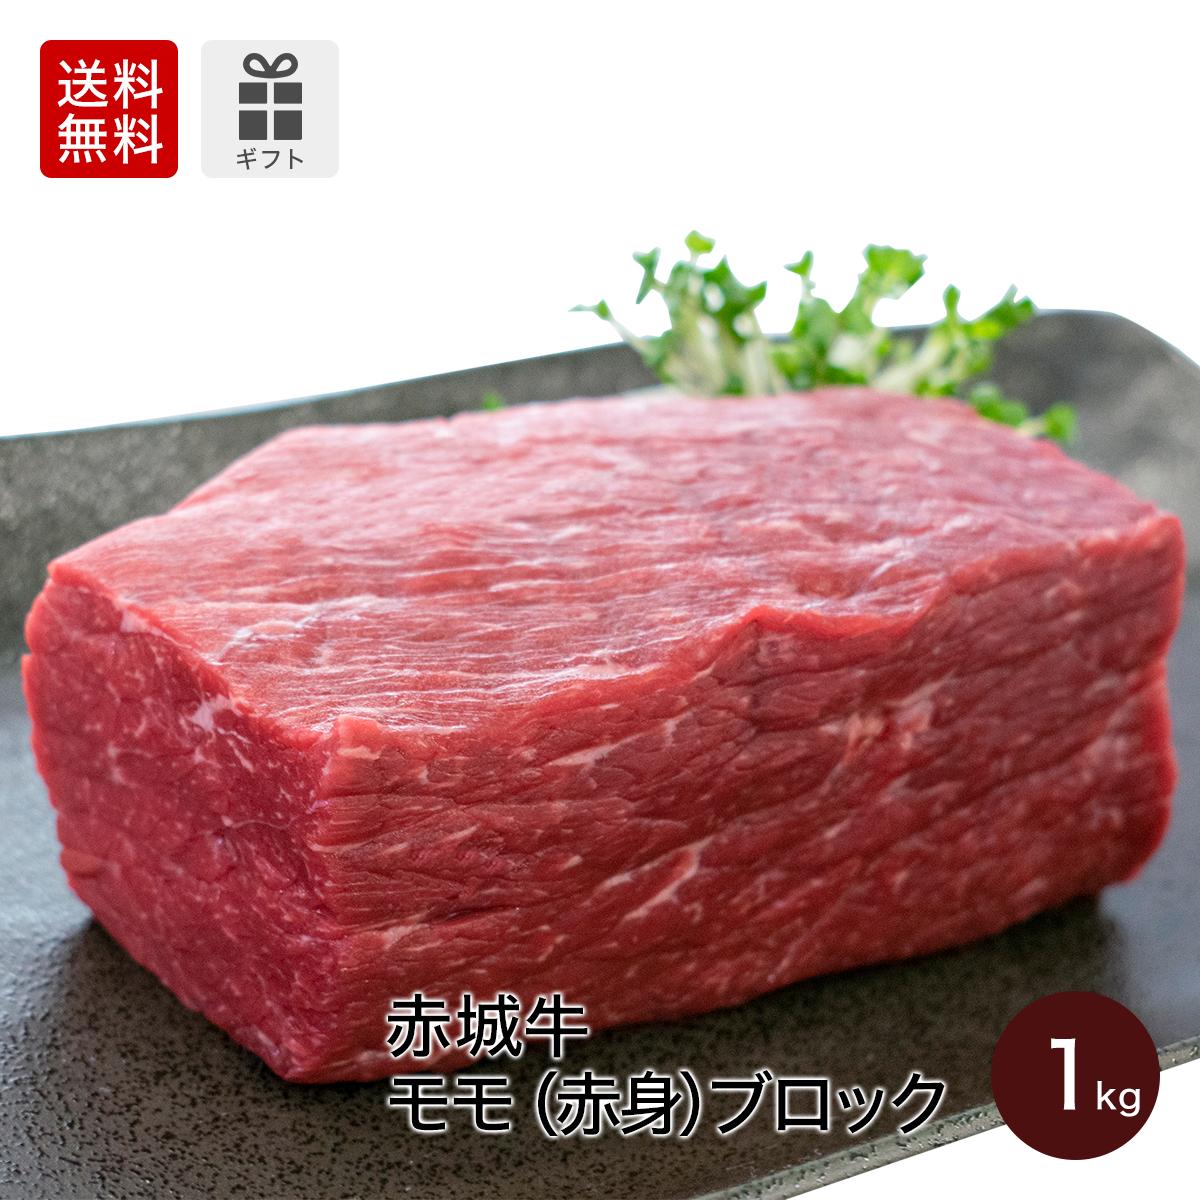 赤城牛モモ(赤身)ブロック 1kg (500g×2)真空パック 期間限定 ソース6個 レシピ付  送料無料